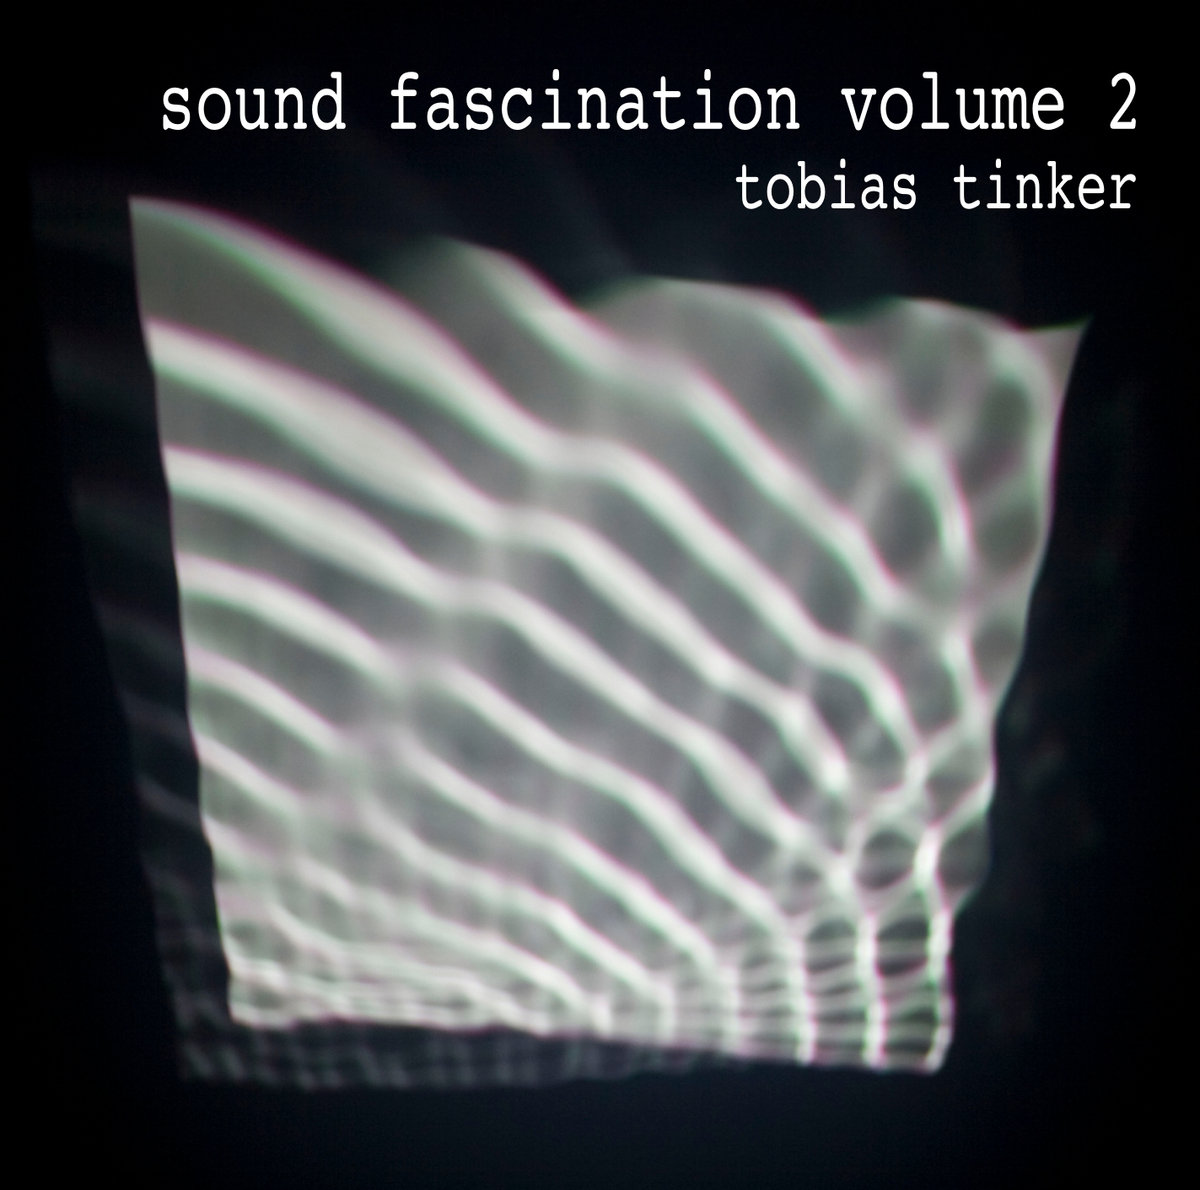 Sound Fascination volume 2